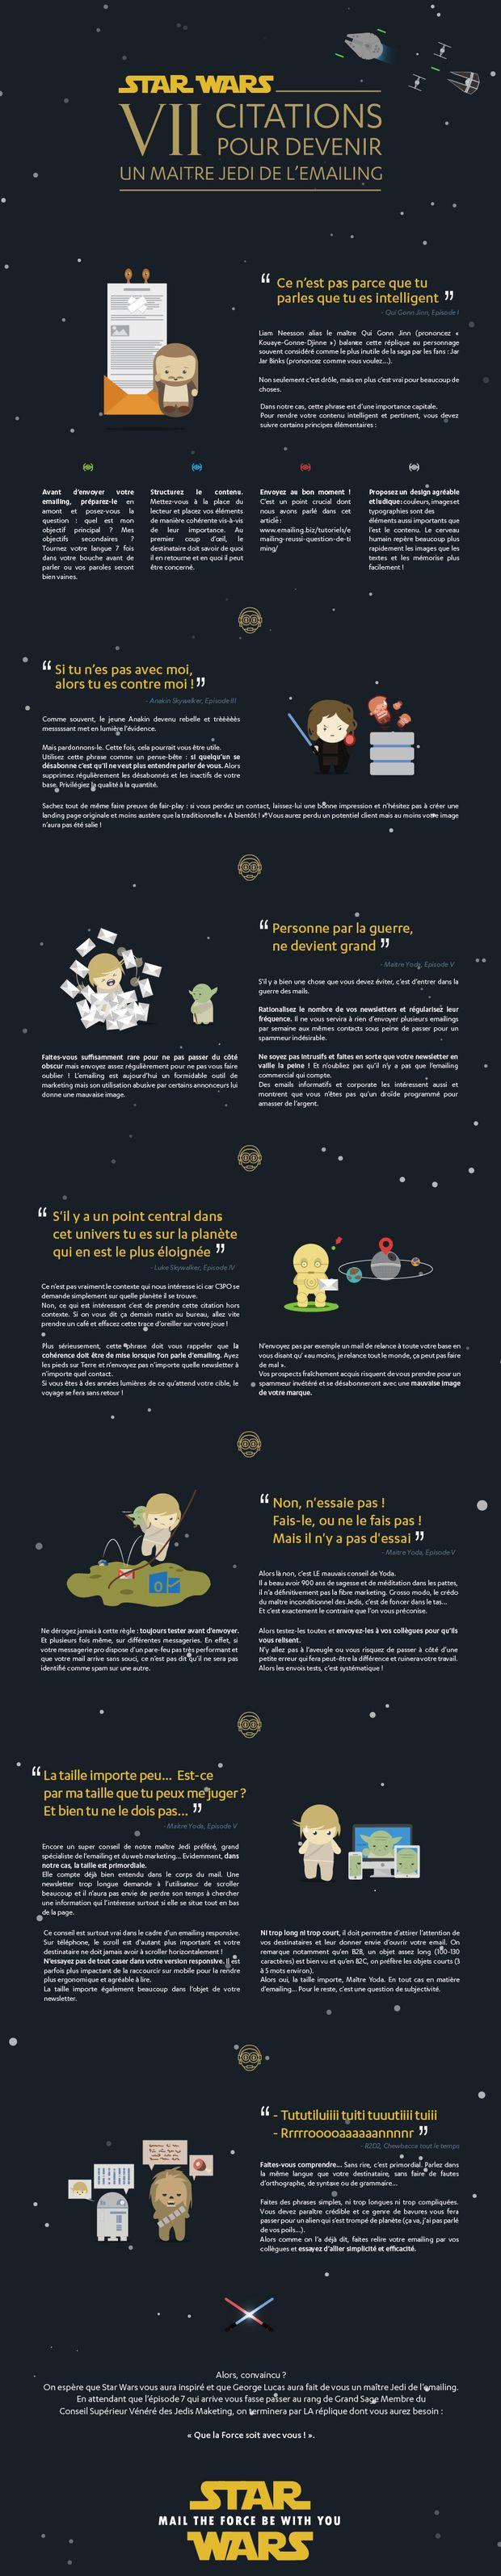 Marketeurs, utilisateurs de l'email marketing, apprenez sur votre univers... en rentrant dans celui de George Lucas !